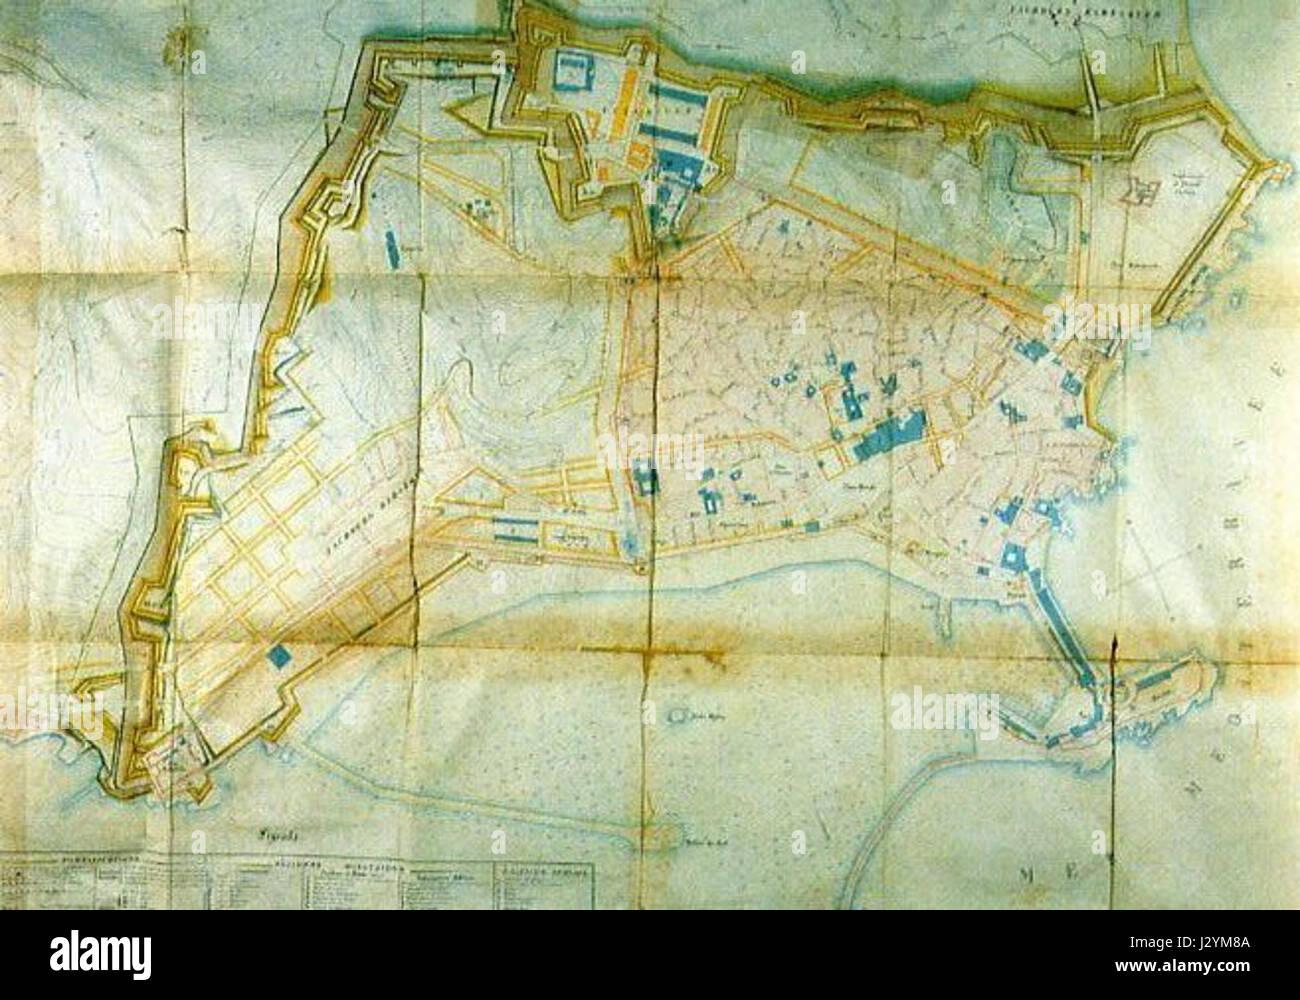 Alger algiers map plan villeneuve 1840 Stock Photo 139520874 Alamy